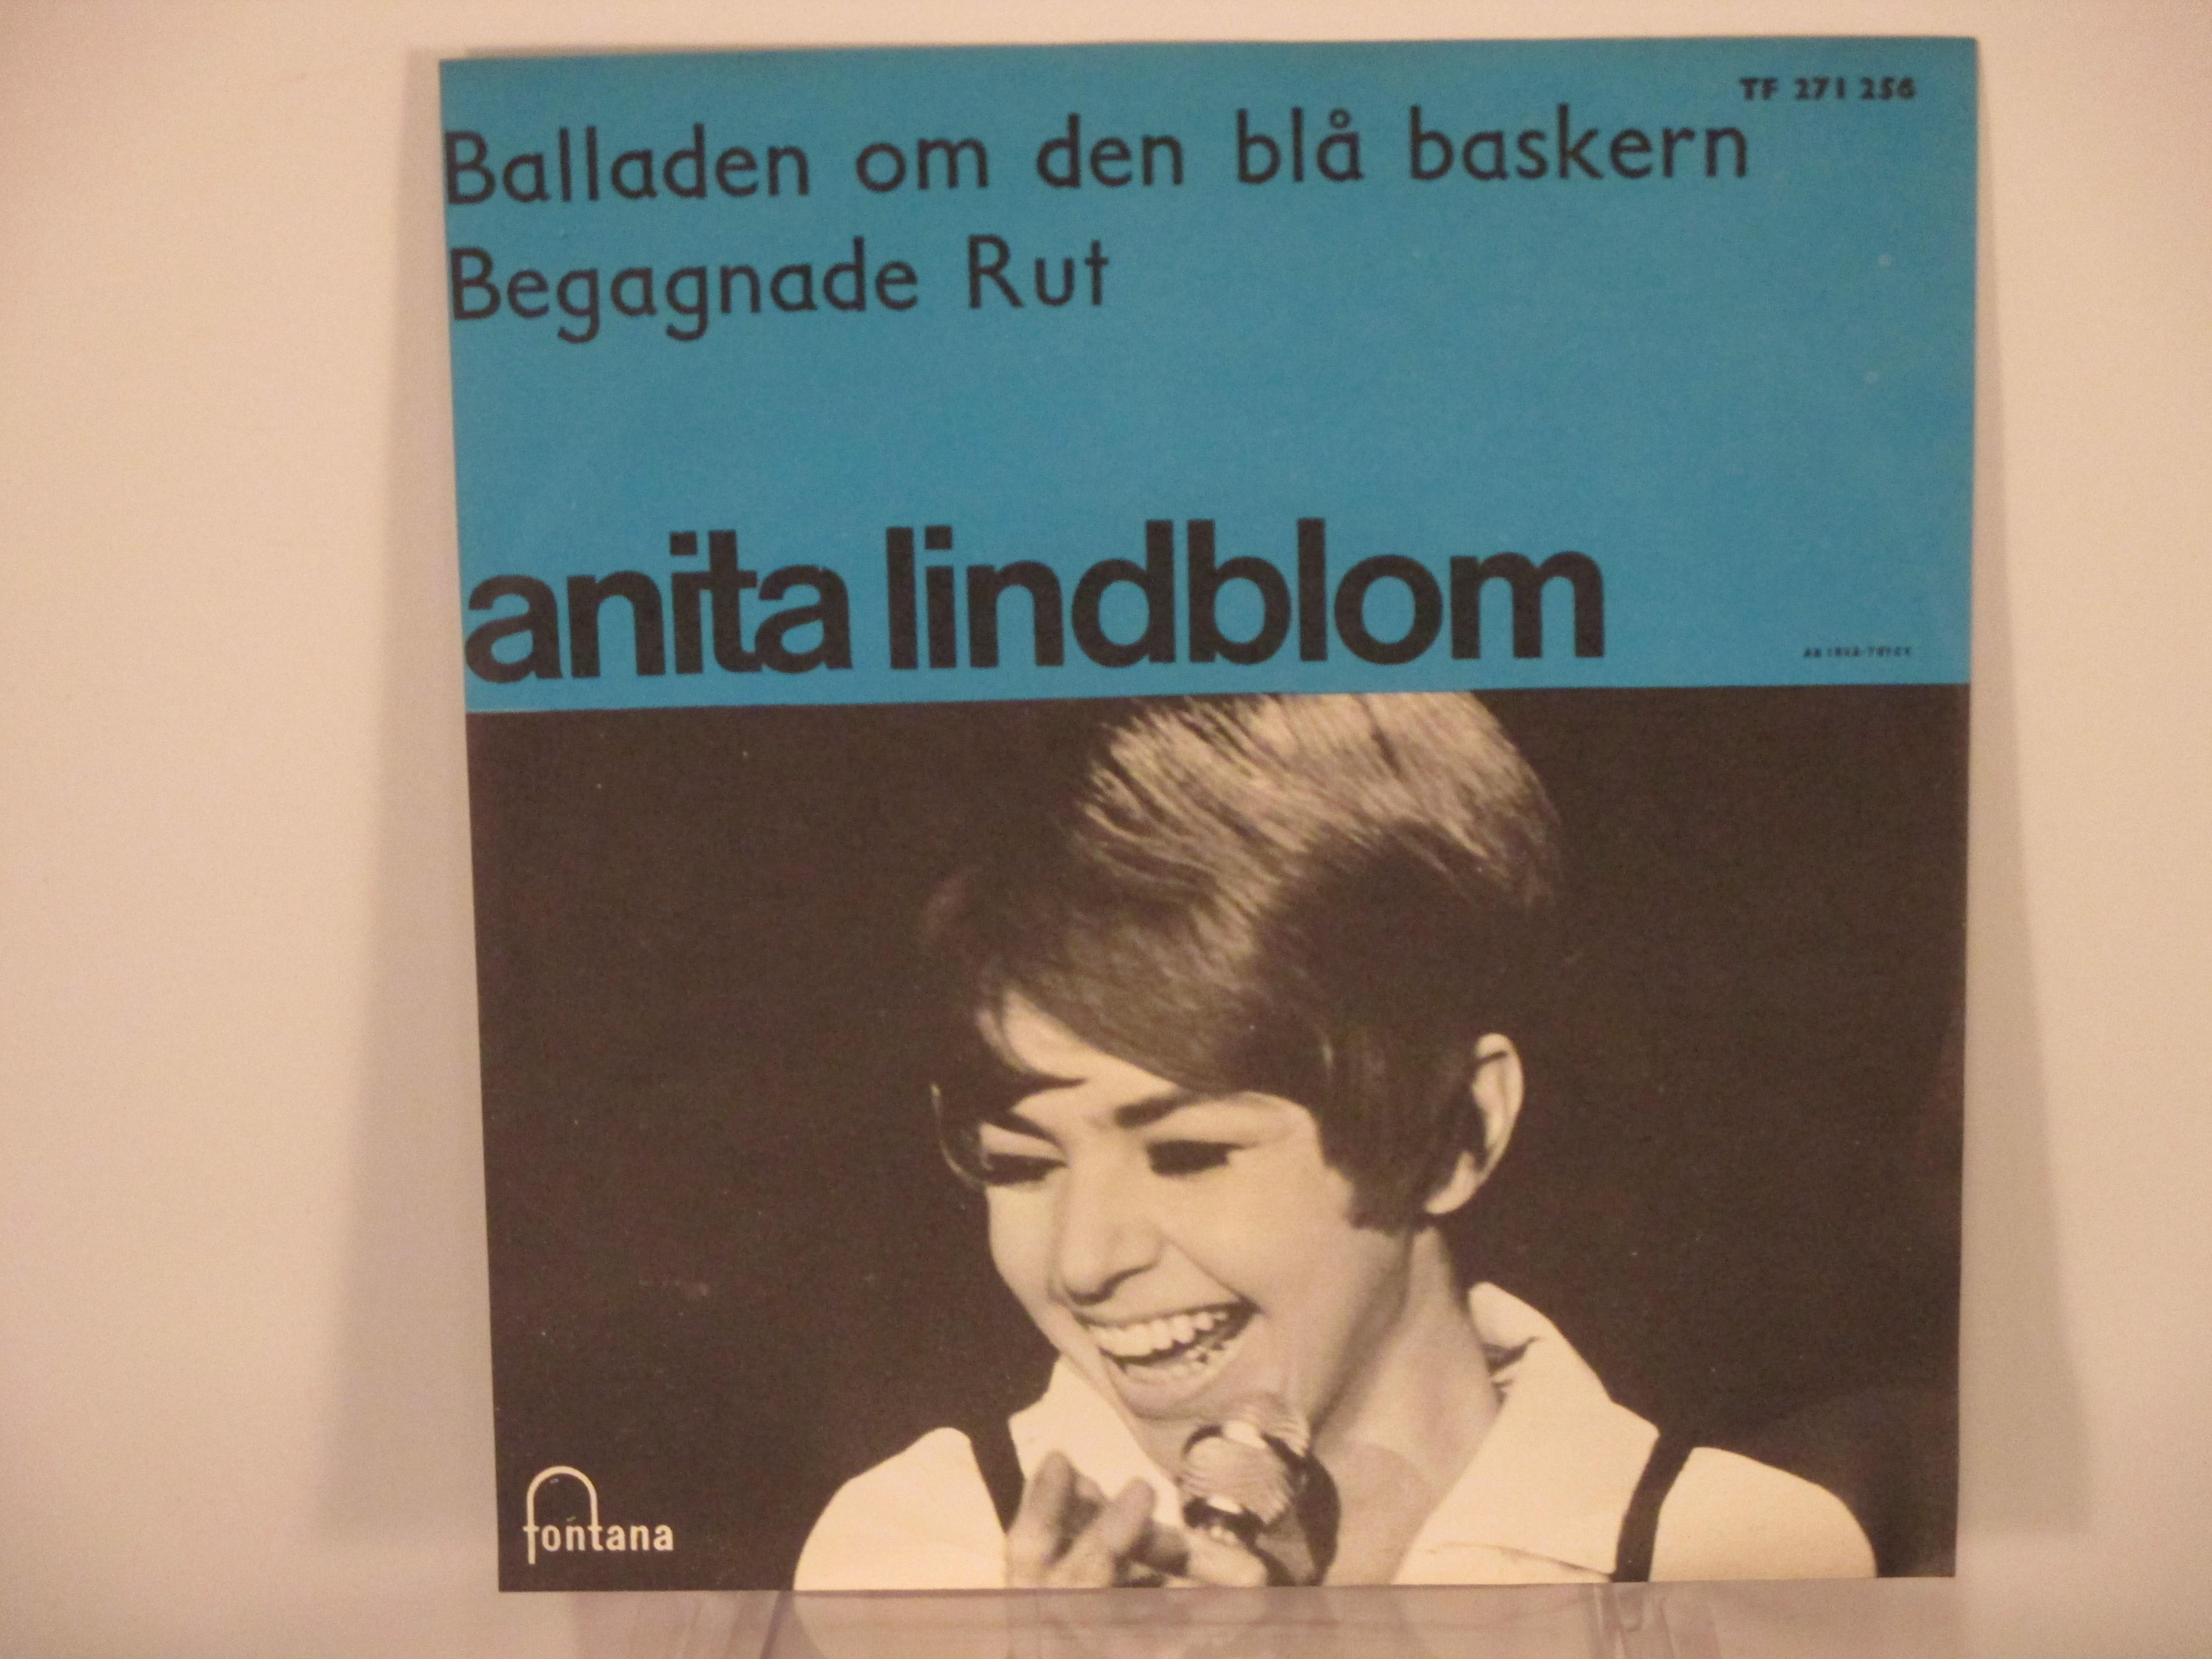 ANITA LINDBLOM : Balladen om den blå baskern / Begagnade Rut